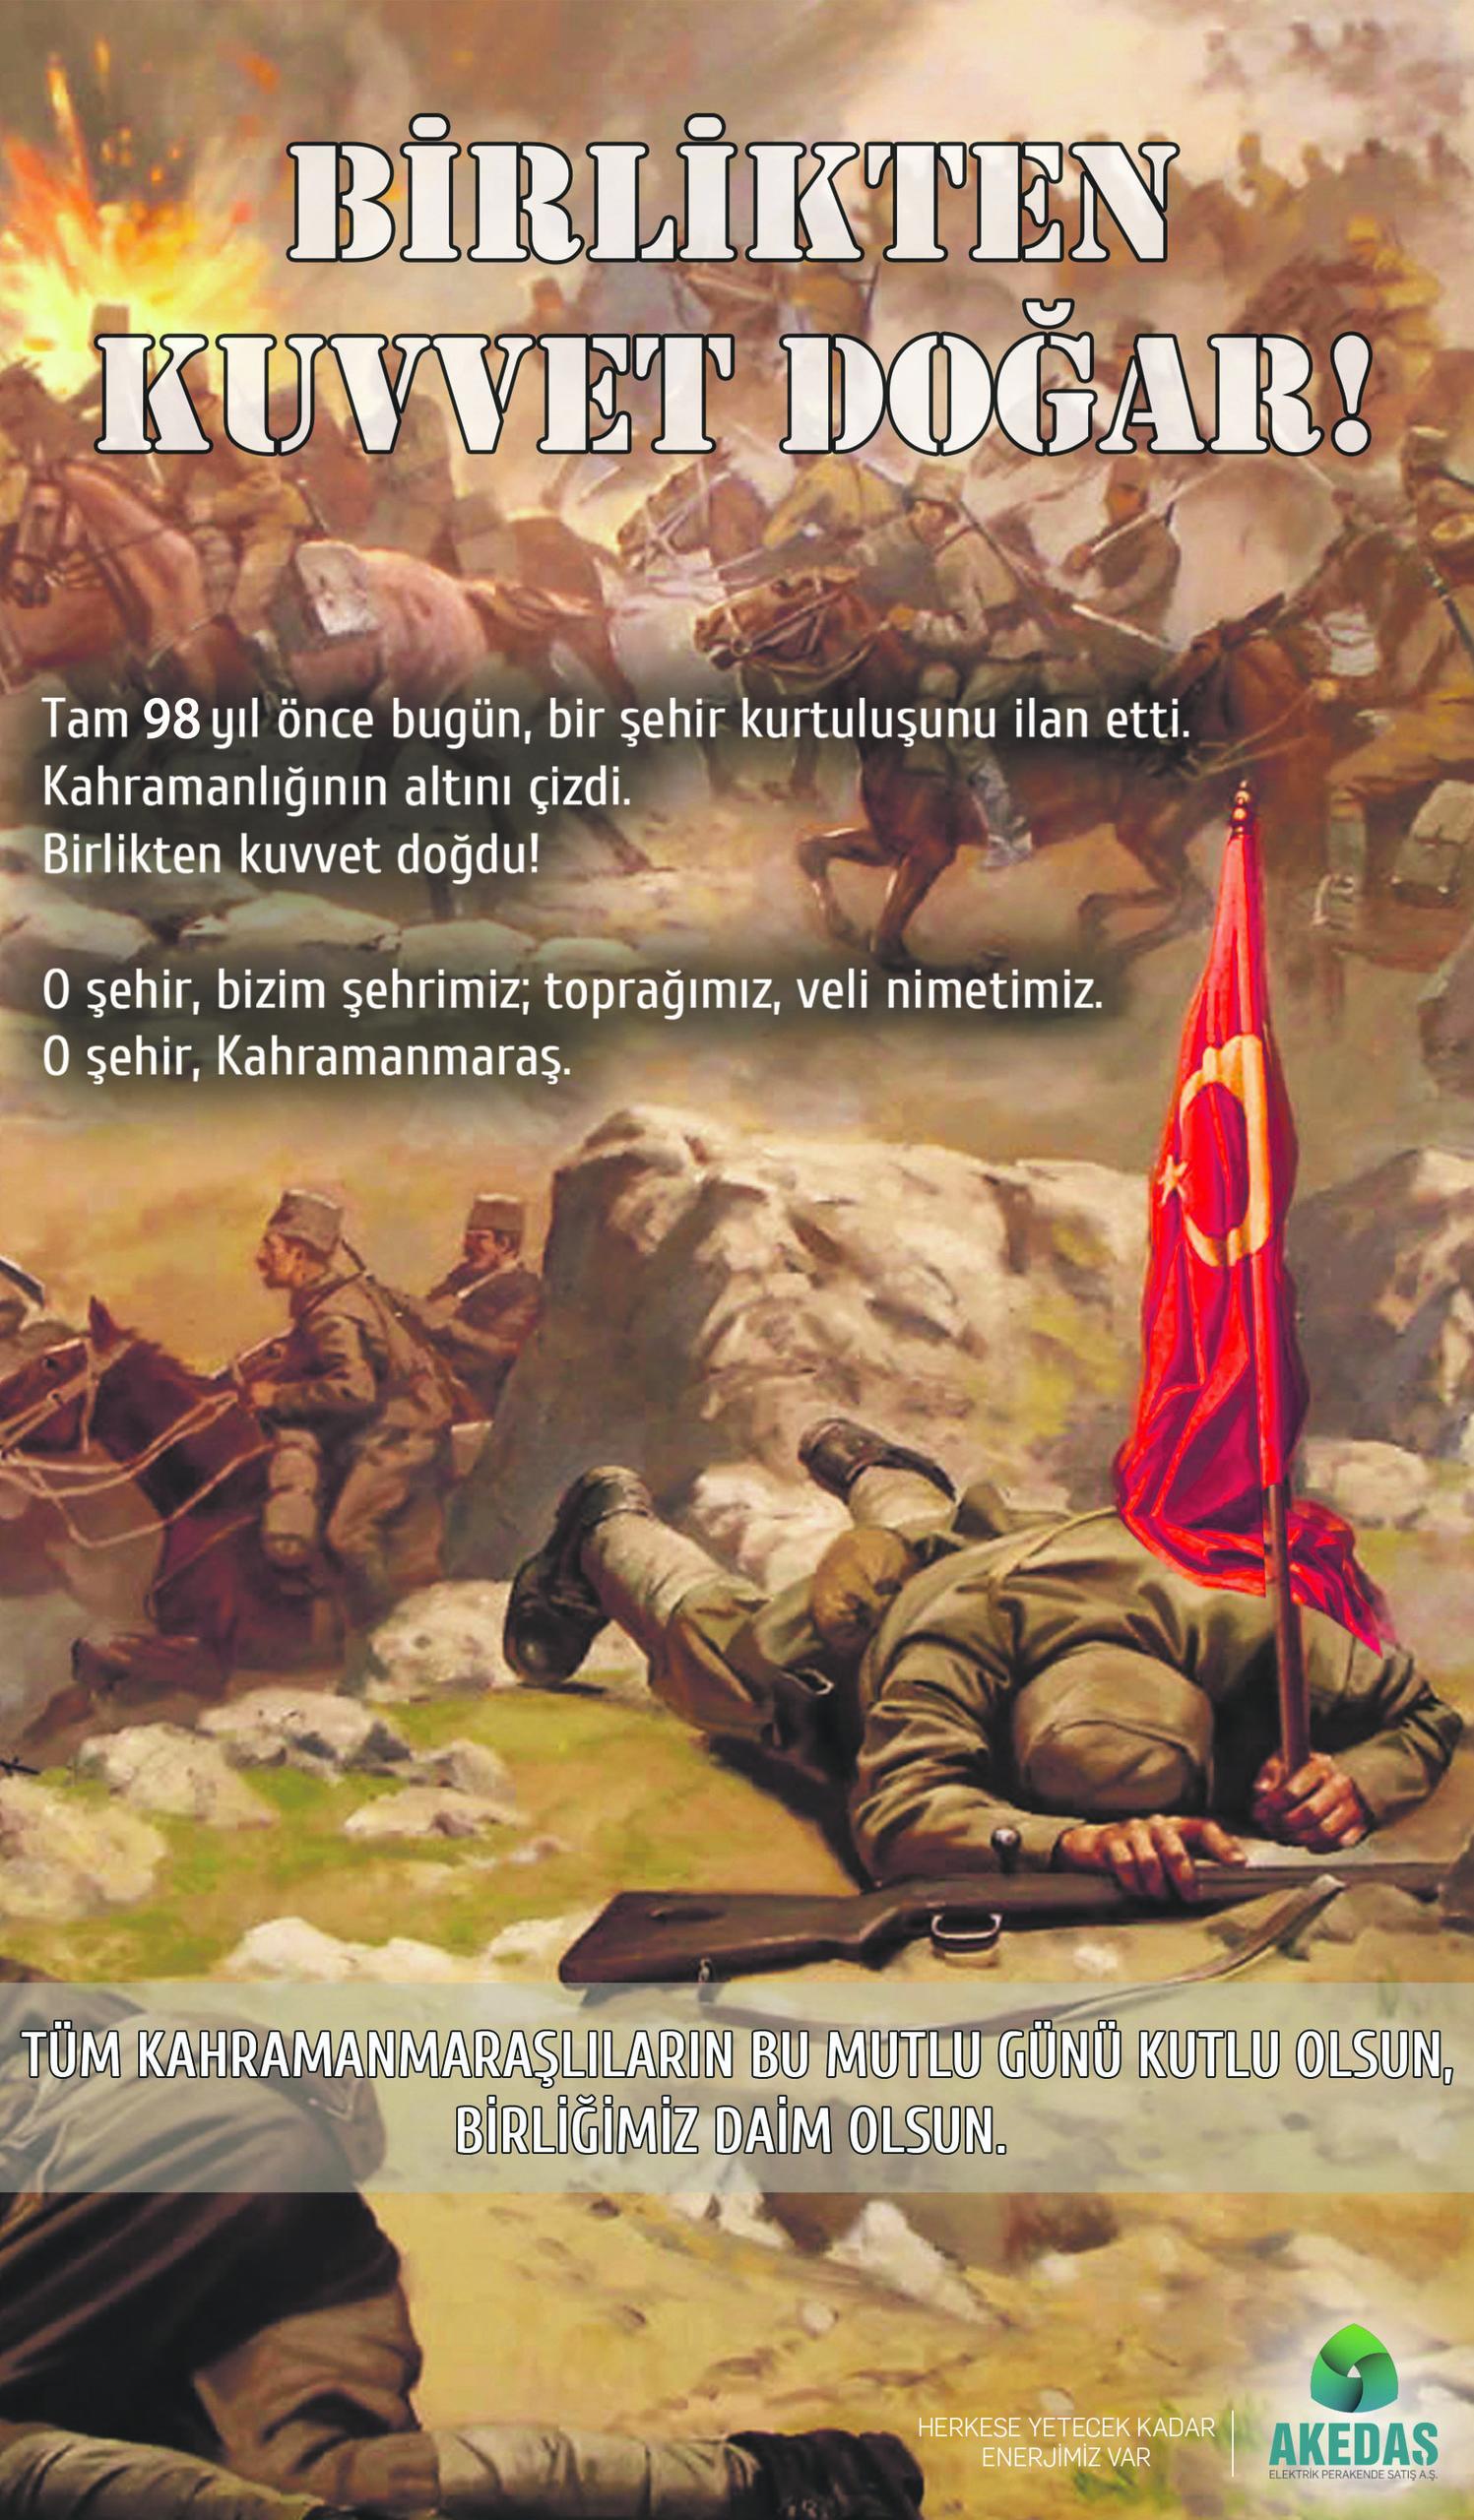 Akedaş (1)